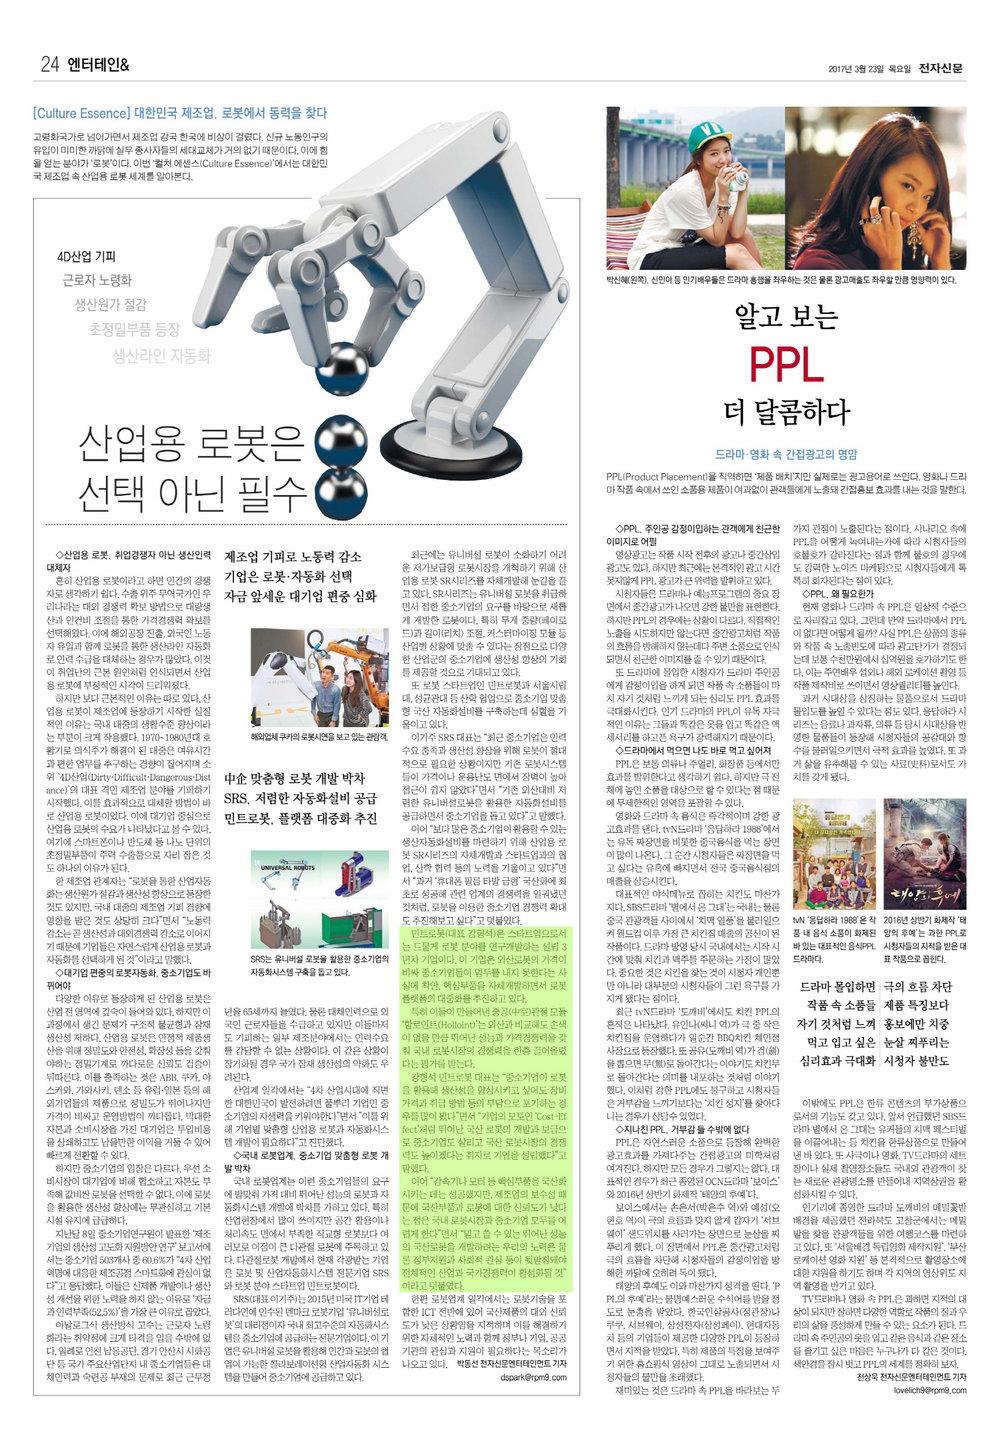 201703_전자신문.jpg